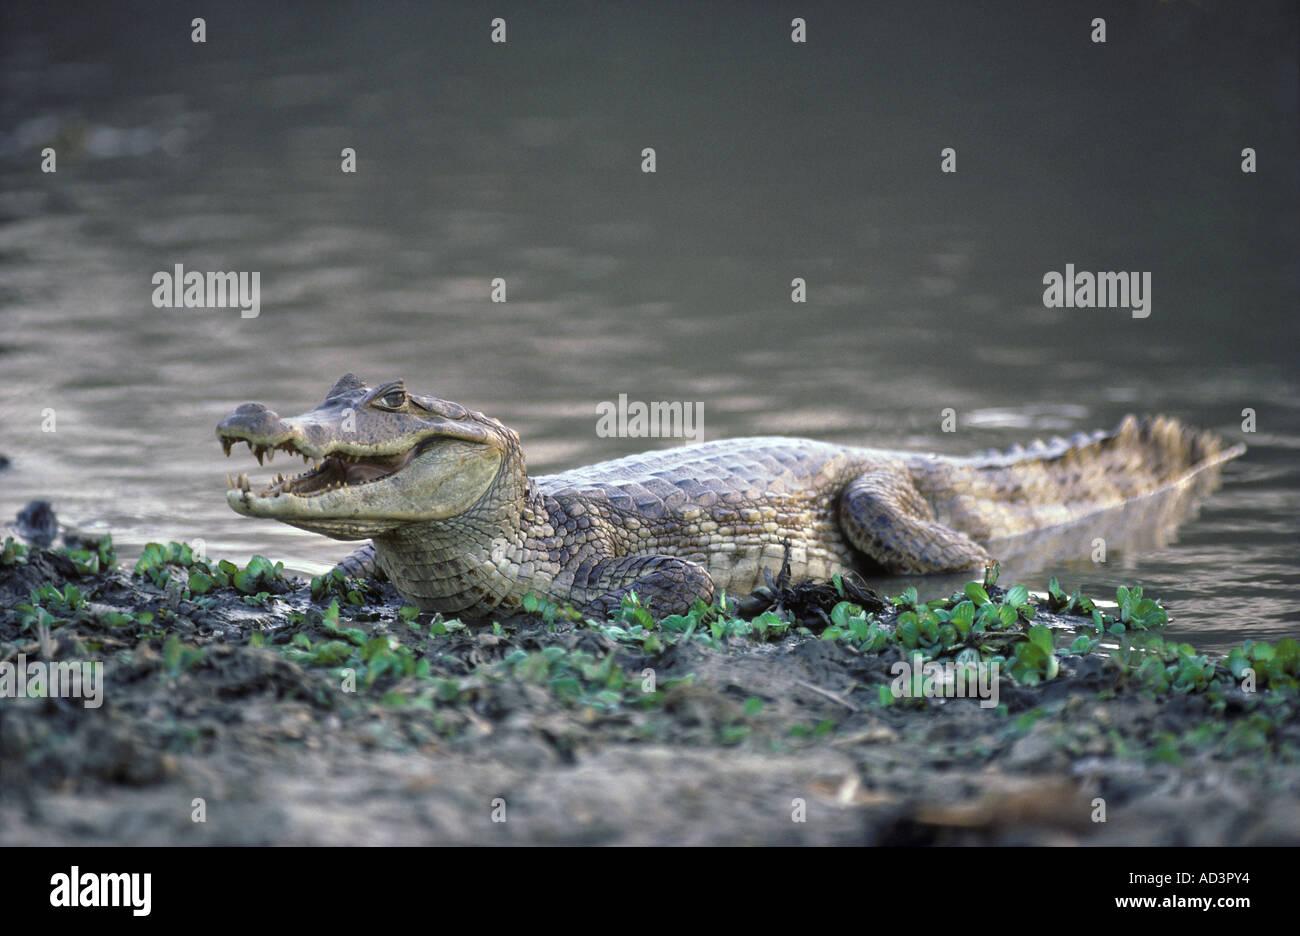 Spectacled Caiman Caiman crocodilus Venezuela - Stock Image